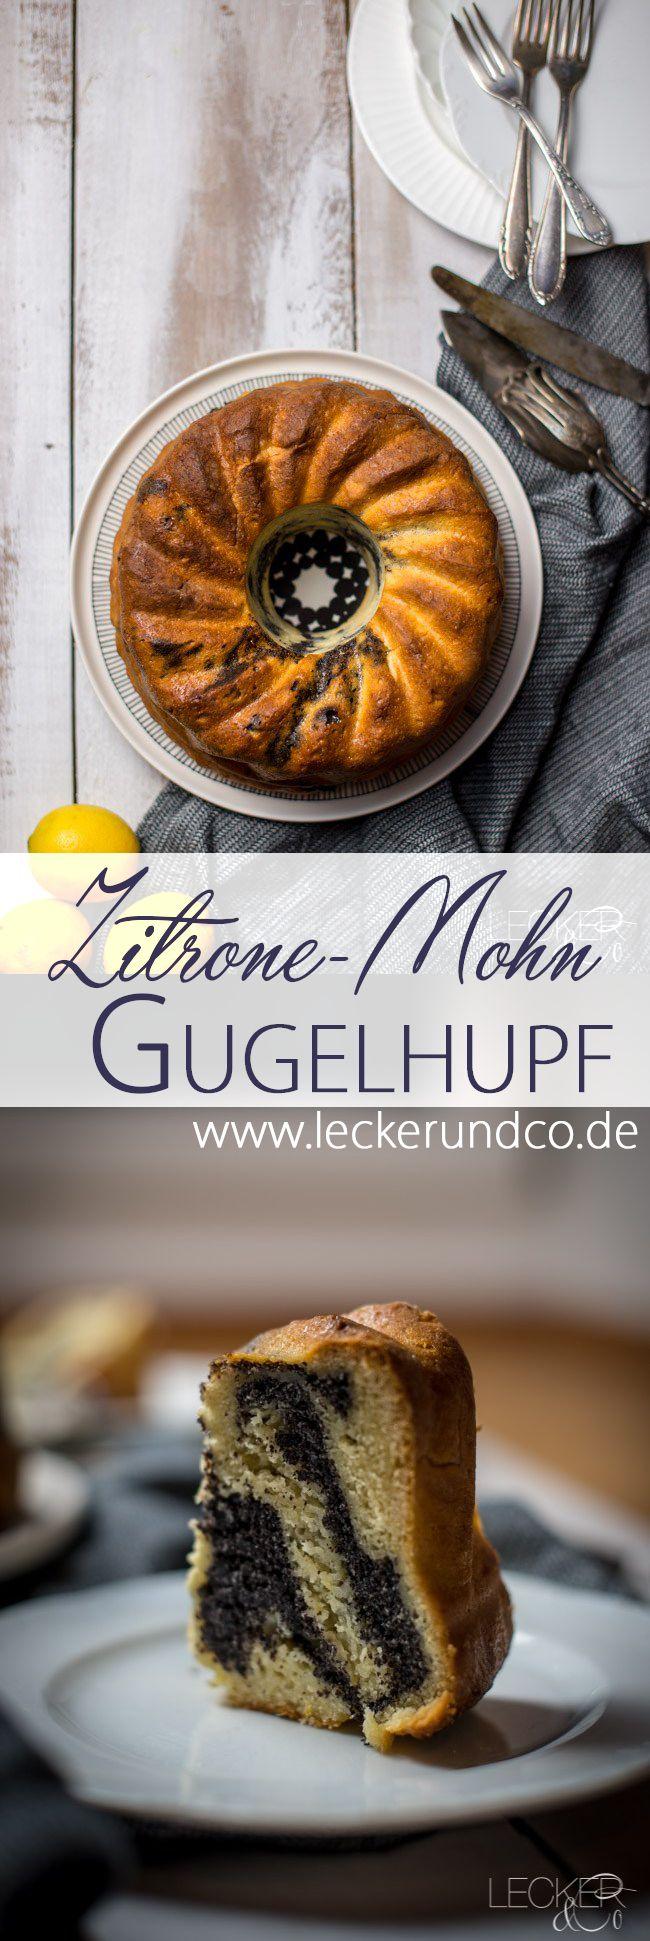 Zitronen-Quark Gugelhupf mit Mohn-Füllung